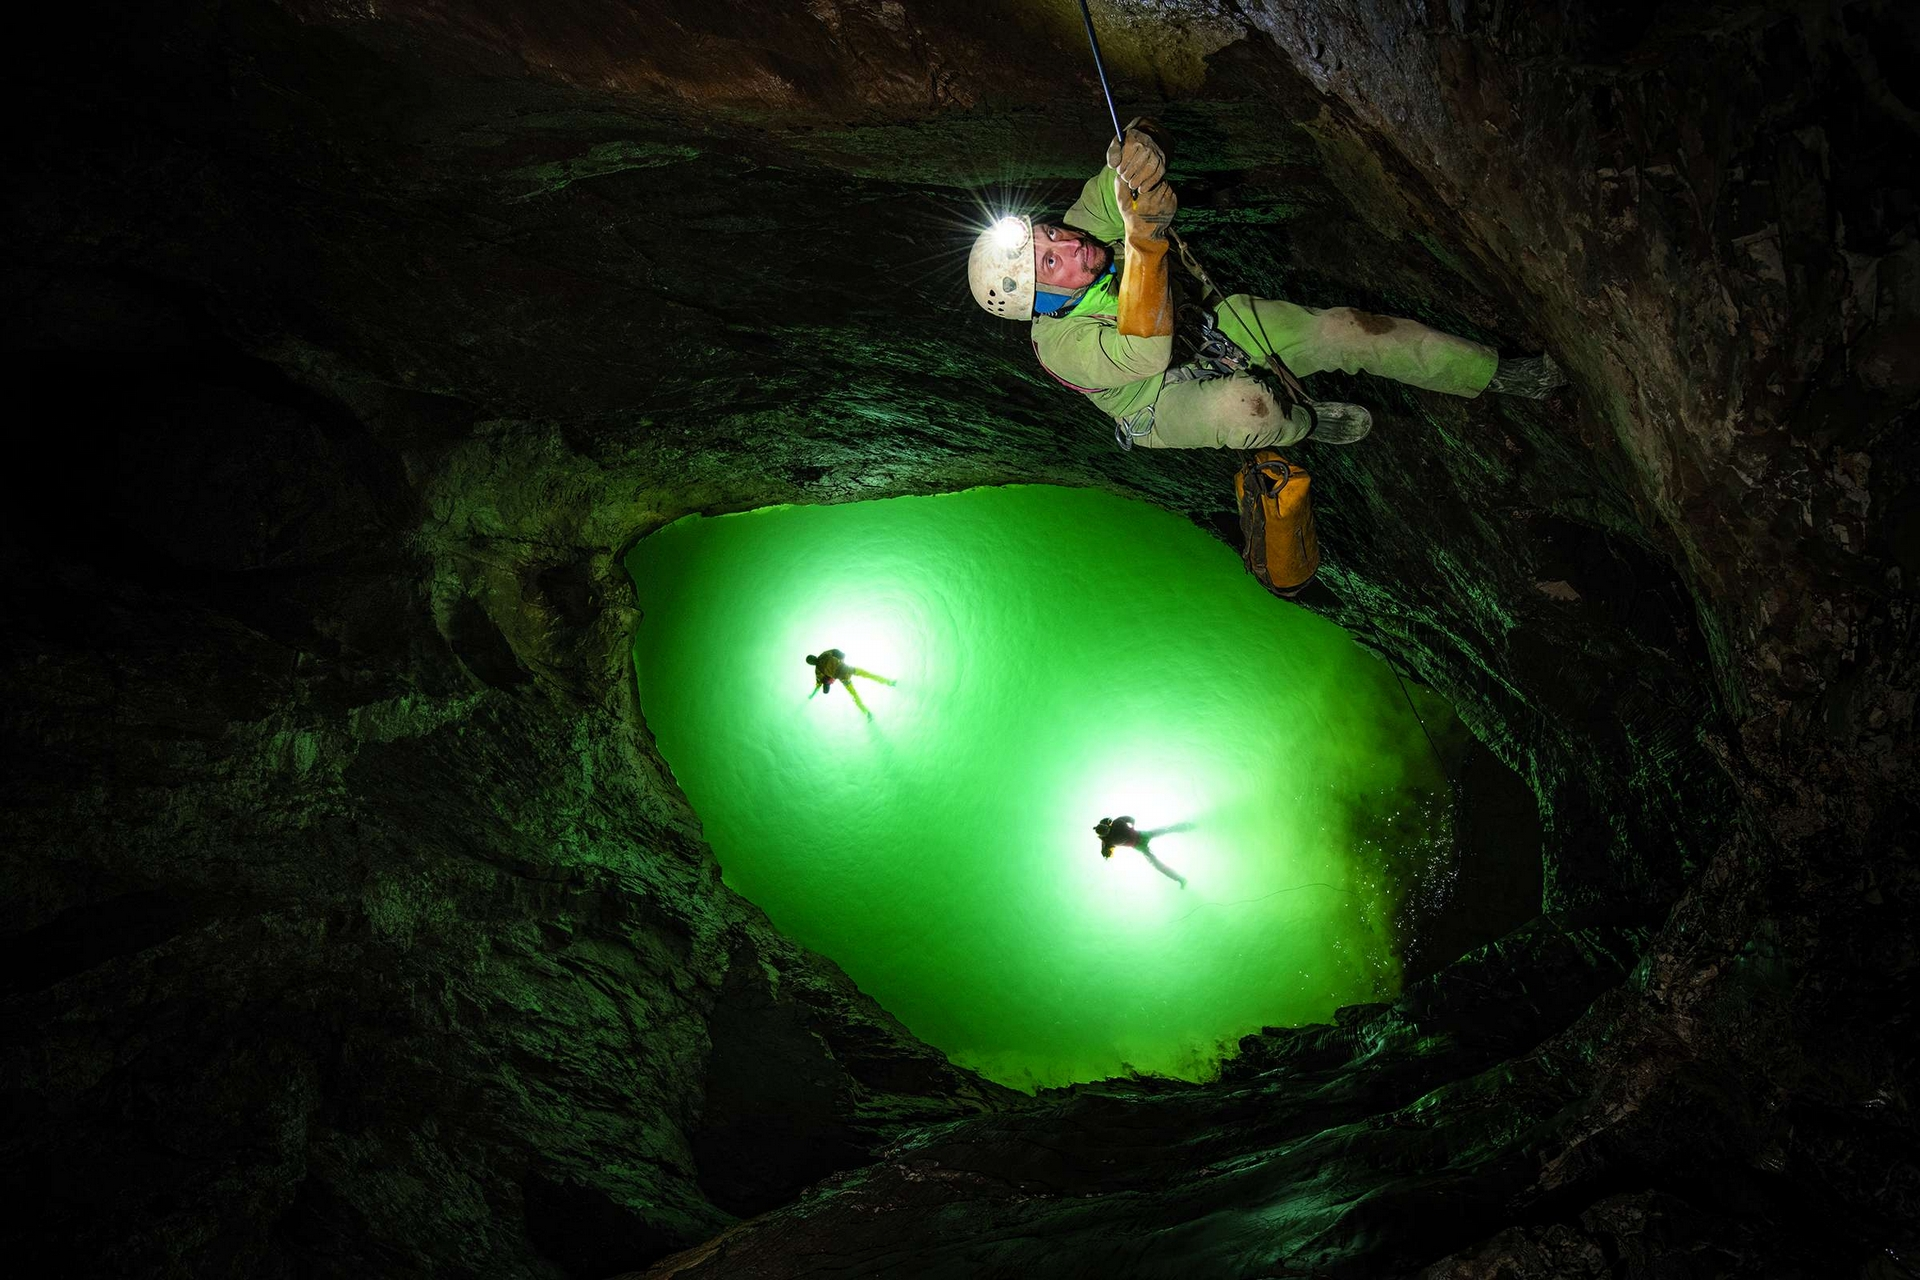 當世界上已知最深的洞穴突然充滿水, 與俄羅斯頂尖探險家同行的攝影師只能奮力求生。攝影:羅比.肖恩